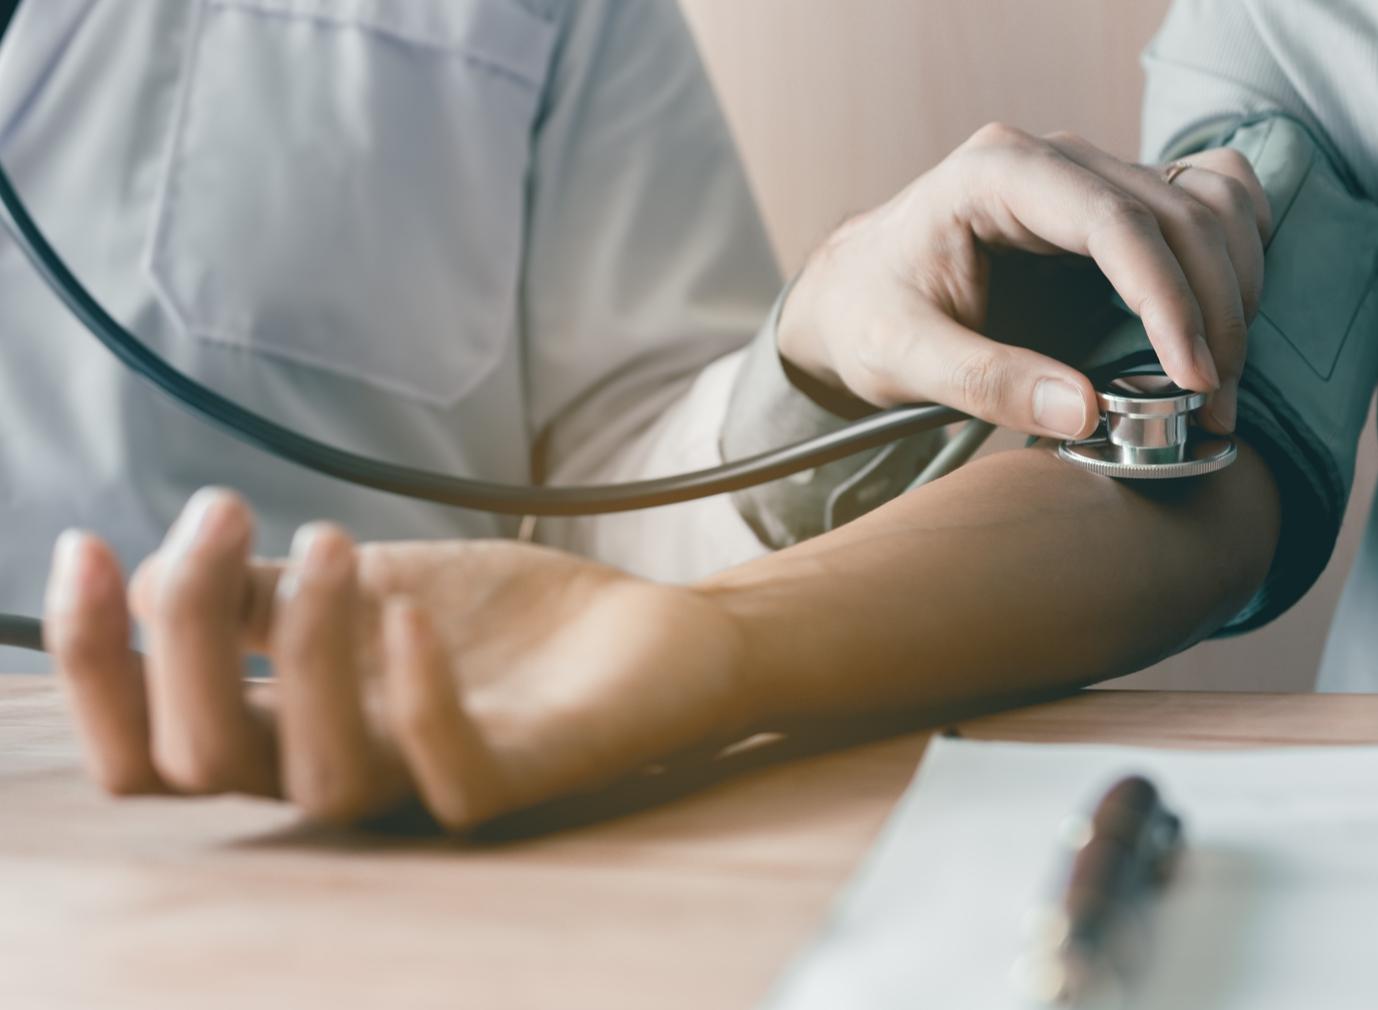 La nostra guida per una visita medica di successo